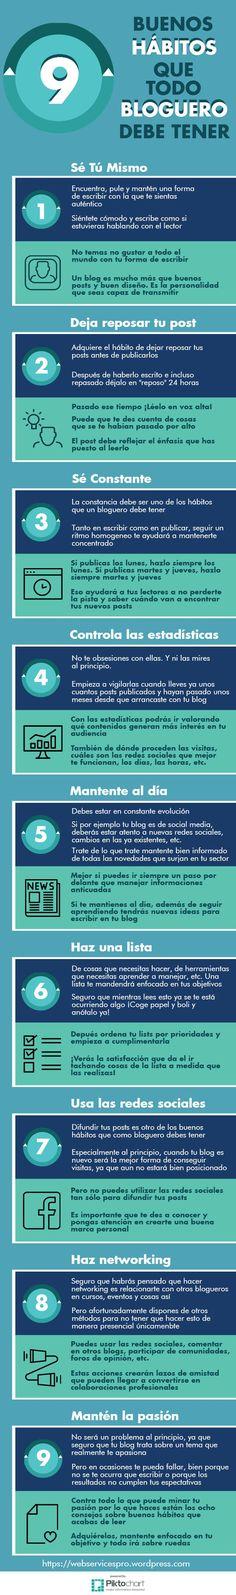 Si quieres ser un #BuenBloguero no debes dejar de adptar estos 9 #BuenosHábitos nueve-hábitos-que-un-buen-bloguero-debe-tener